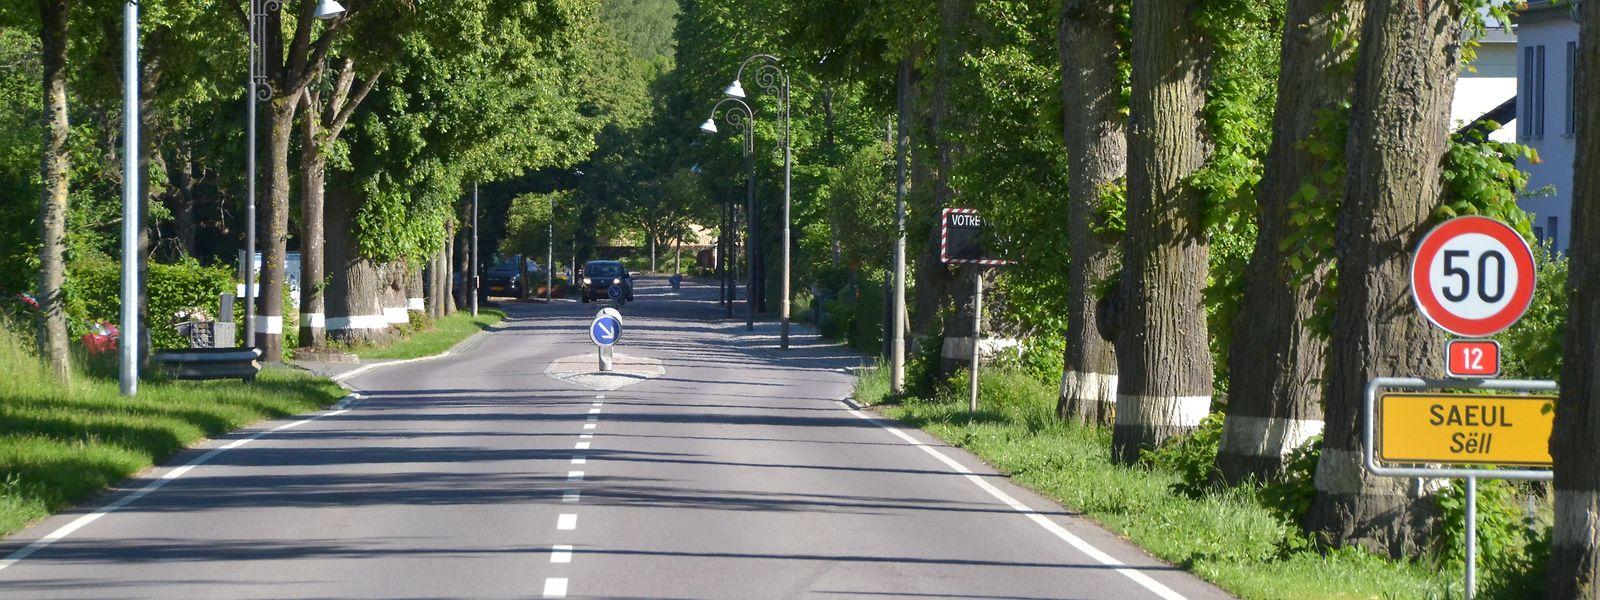 Die breite, gerade Ortseinfahrt lädt förmlich zum Schnellfahren ein.